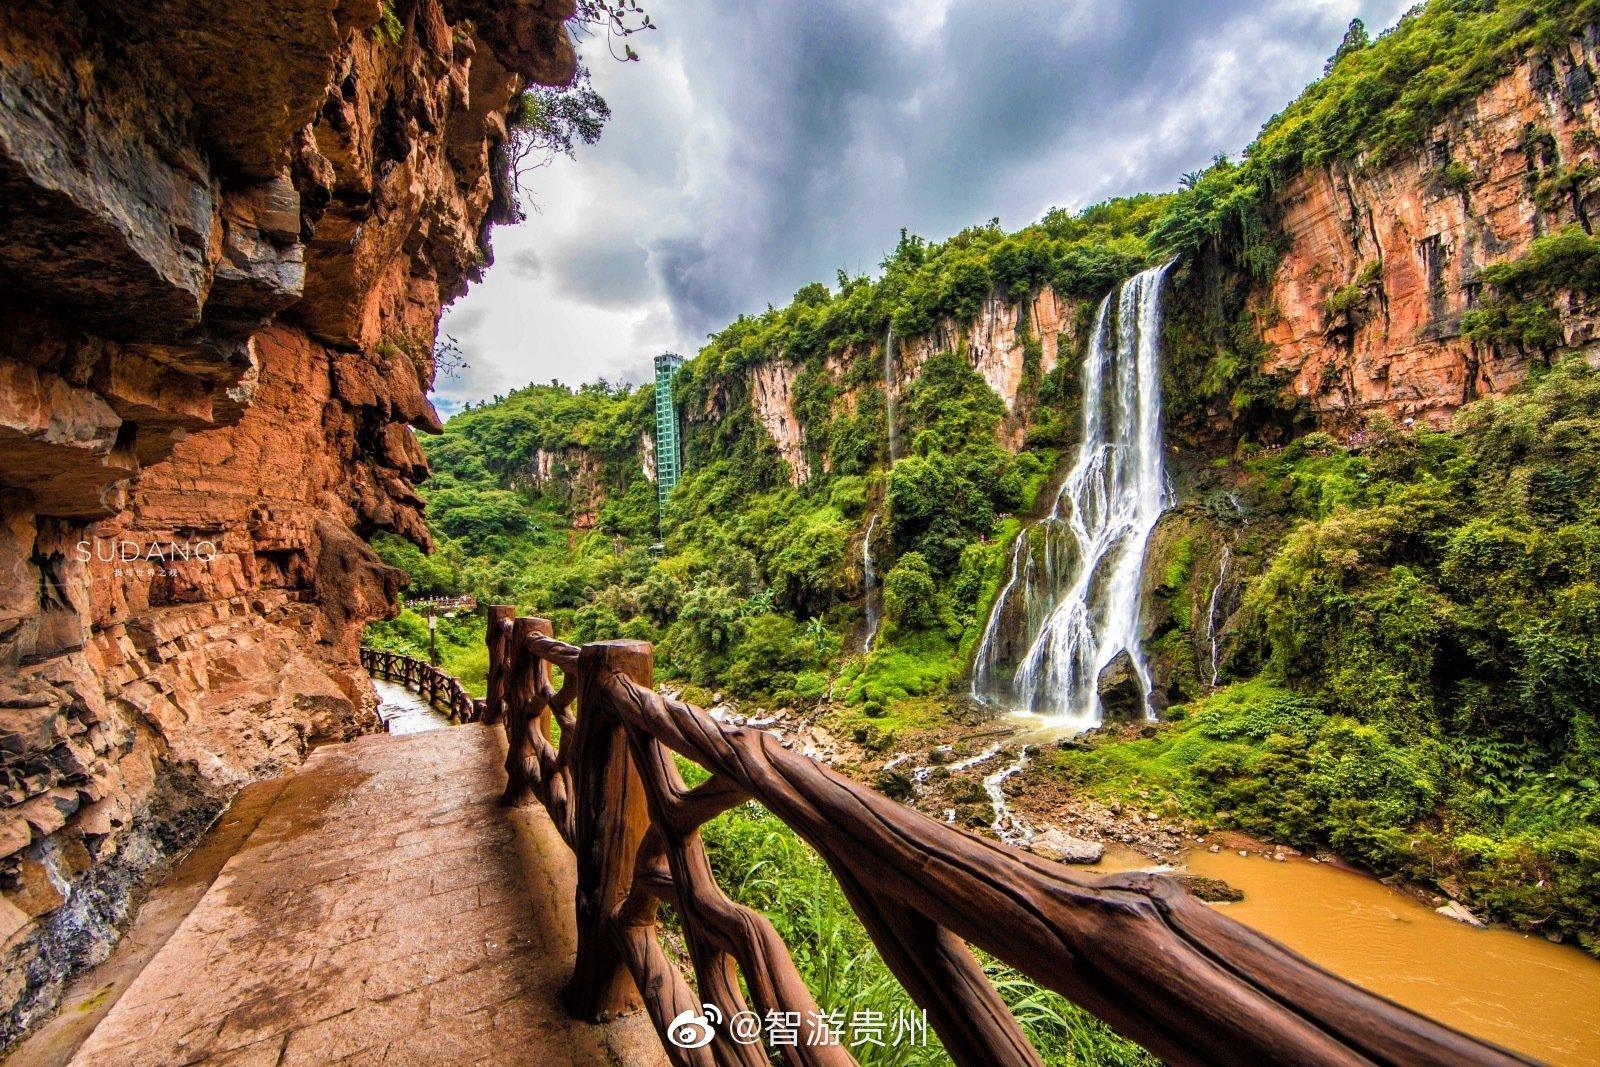 贵州探险,74.8千米长的神秘大峡谷,大自然的独特魅力